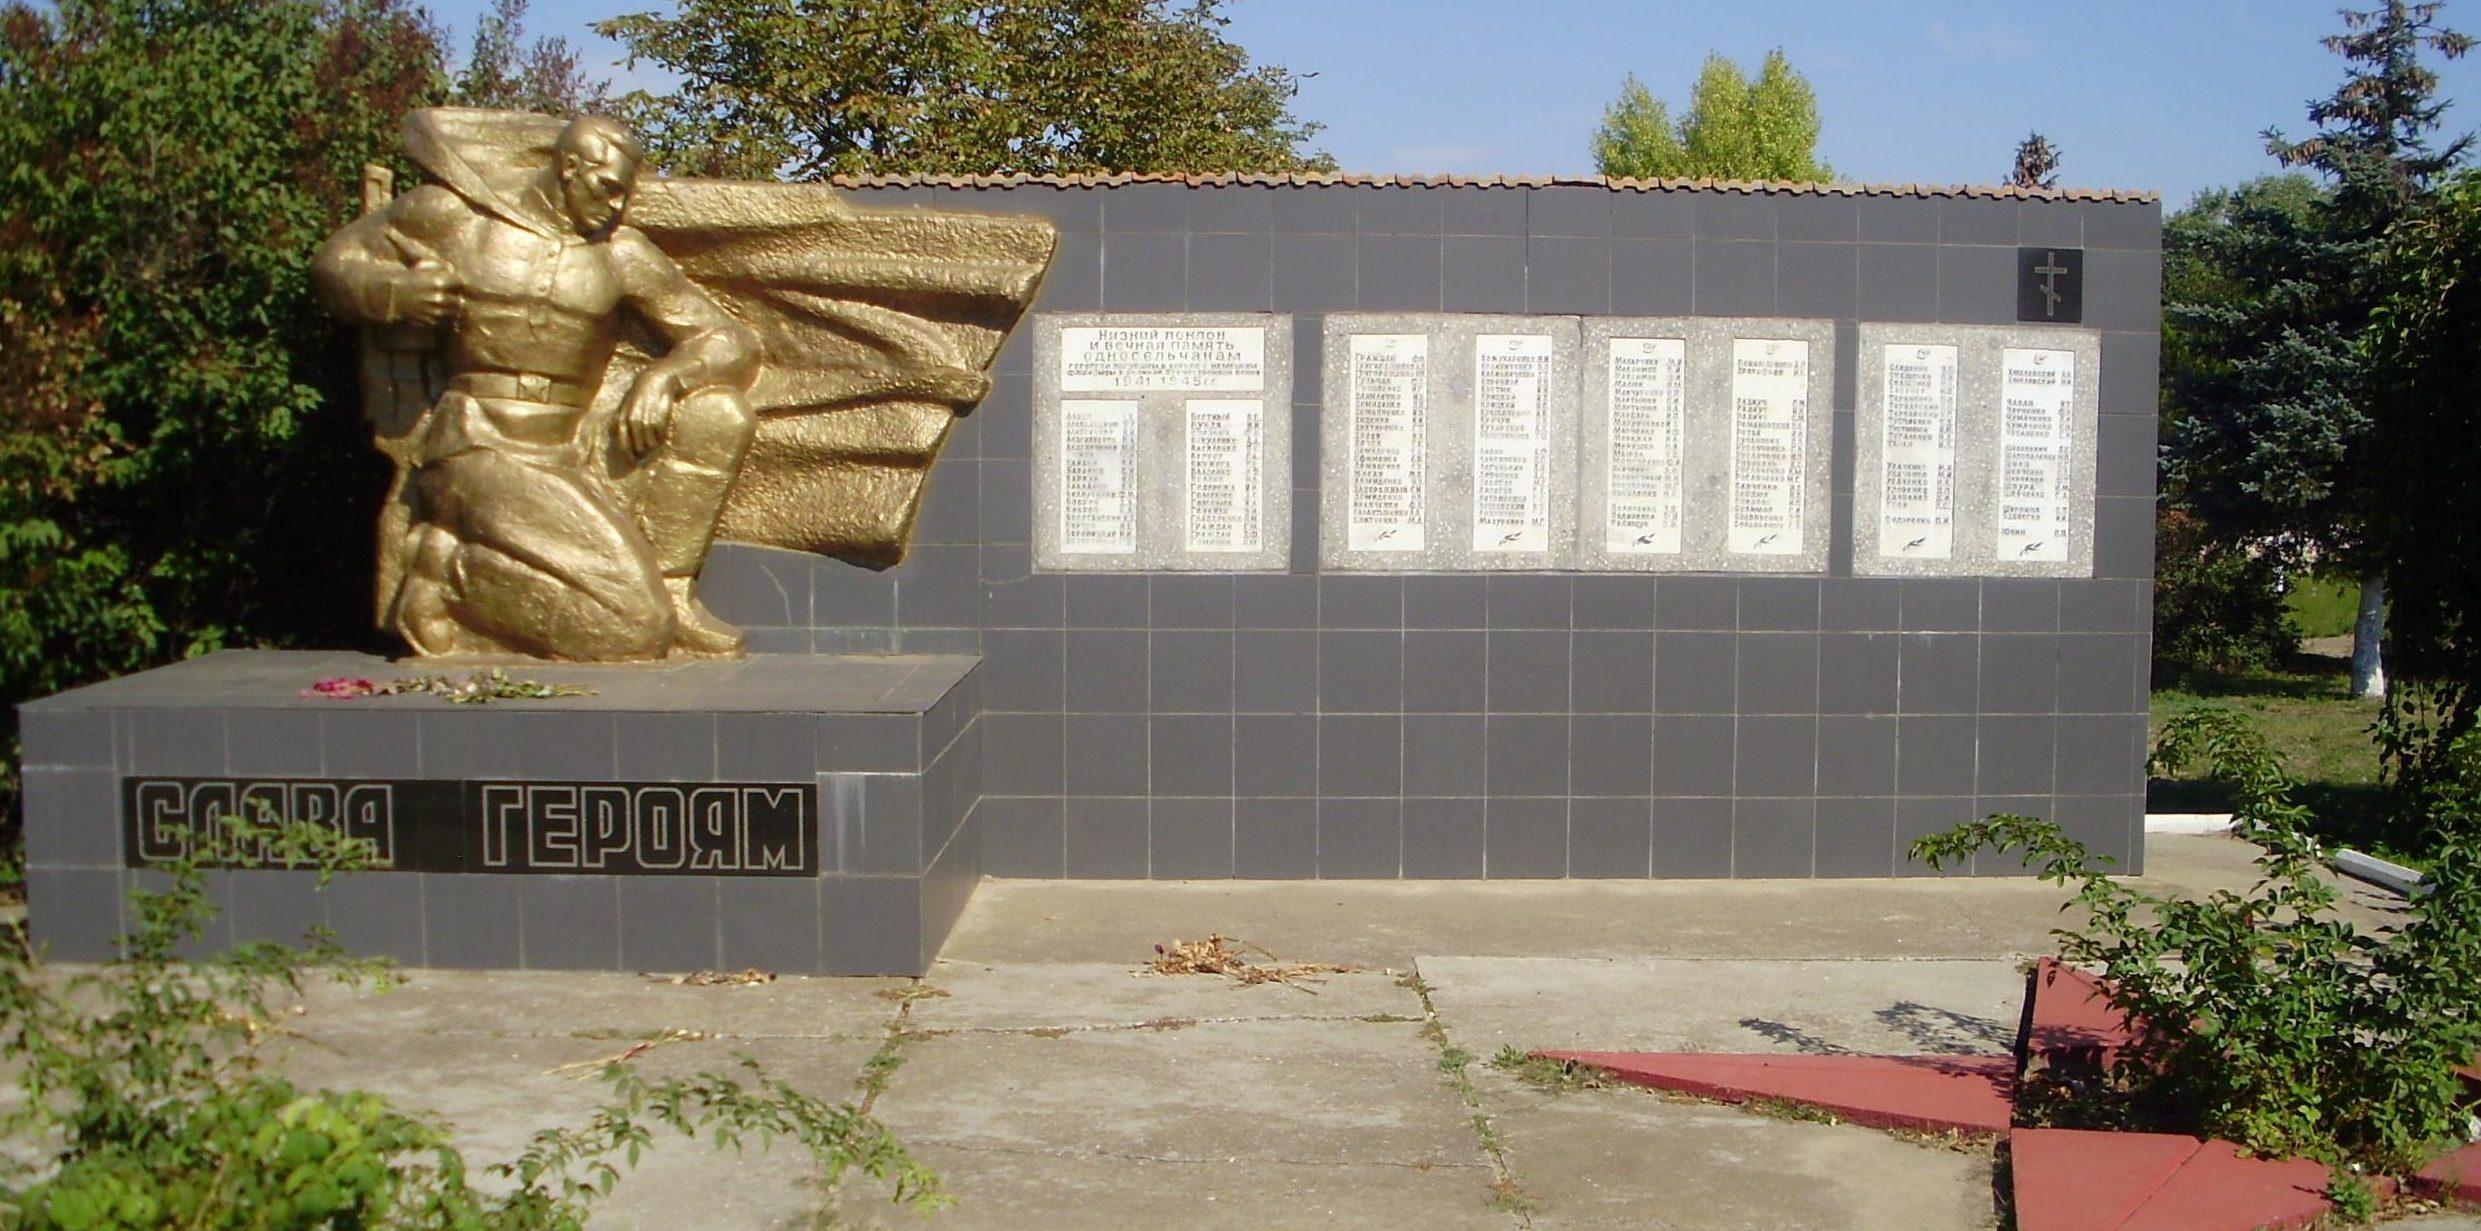 с. Бритовка Белгород-Днестровского р-на. Памятник жителям с. Бритовка и с. Папушой, погибших на войне.